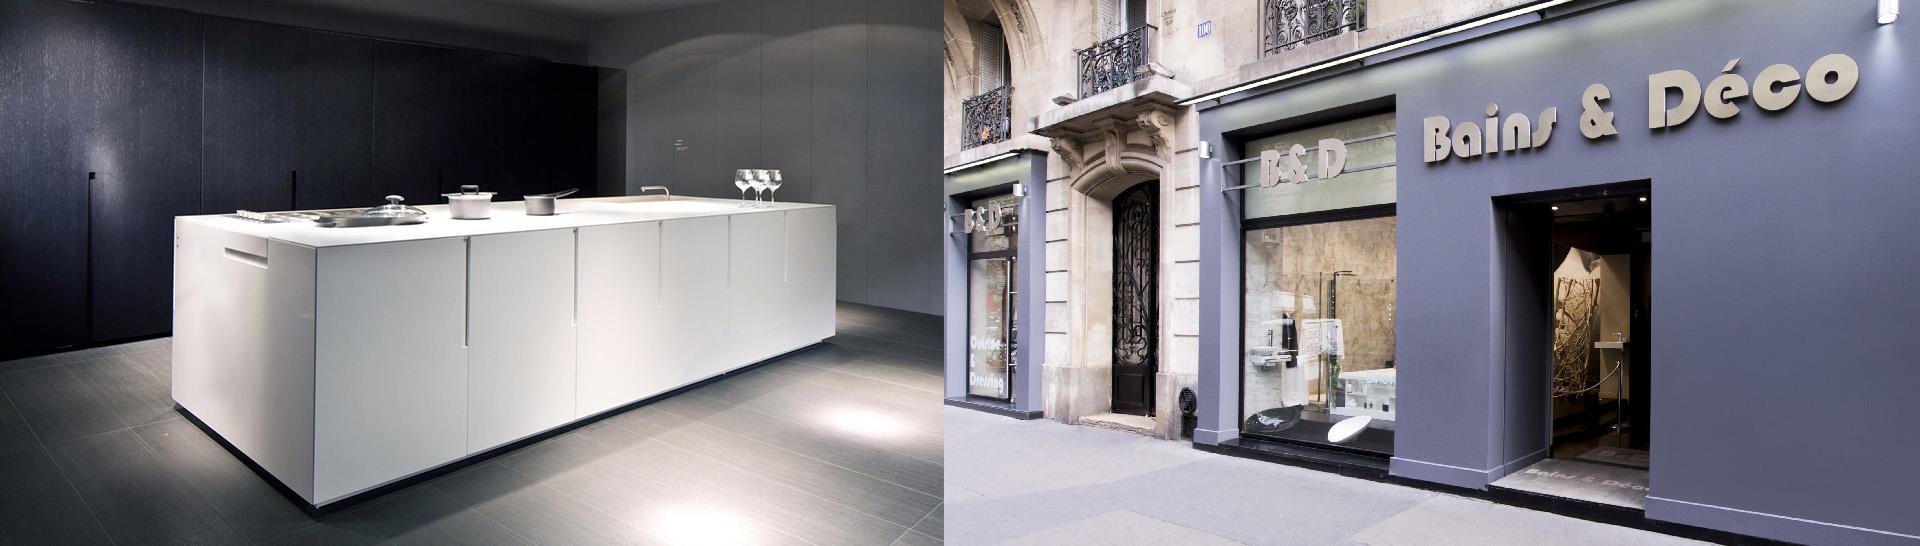 bains et deco salle de bain cuisine paris histoire et savoir faire. Black Bedroom Furniture Sets. Home Design Ideas